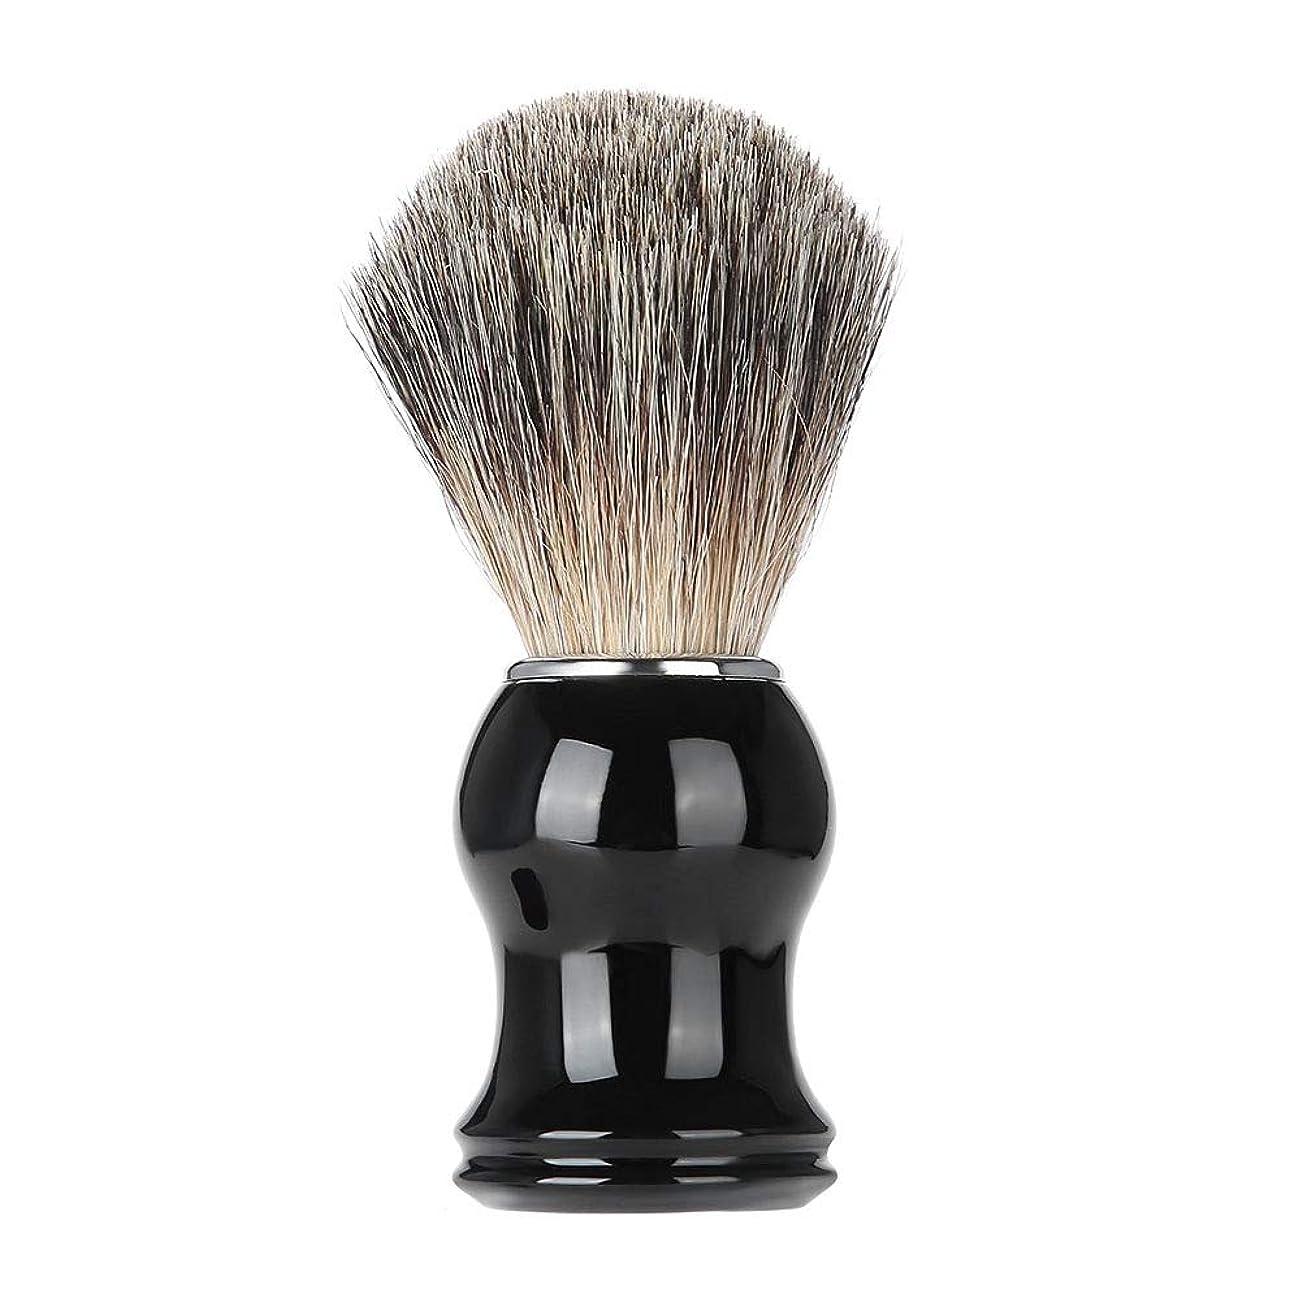 六分儀球体ポットシェービングブラシ男性髭口ひげ剃毛ブラシ樹脂ハンドル髭剃りツール